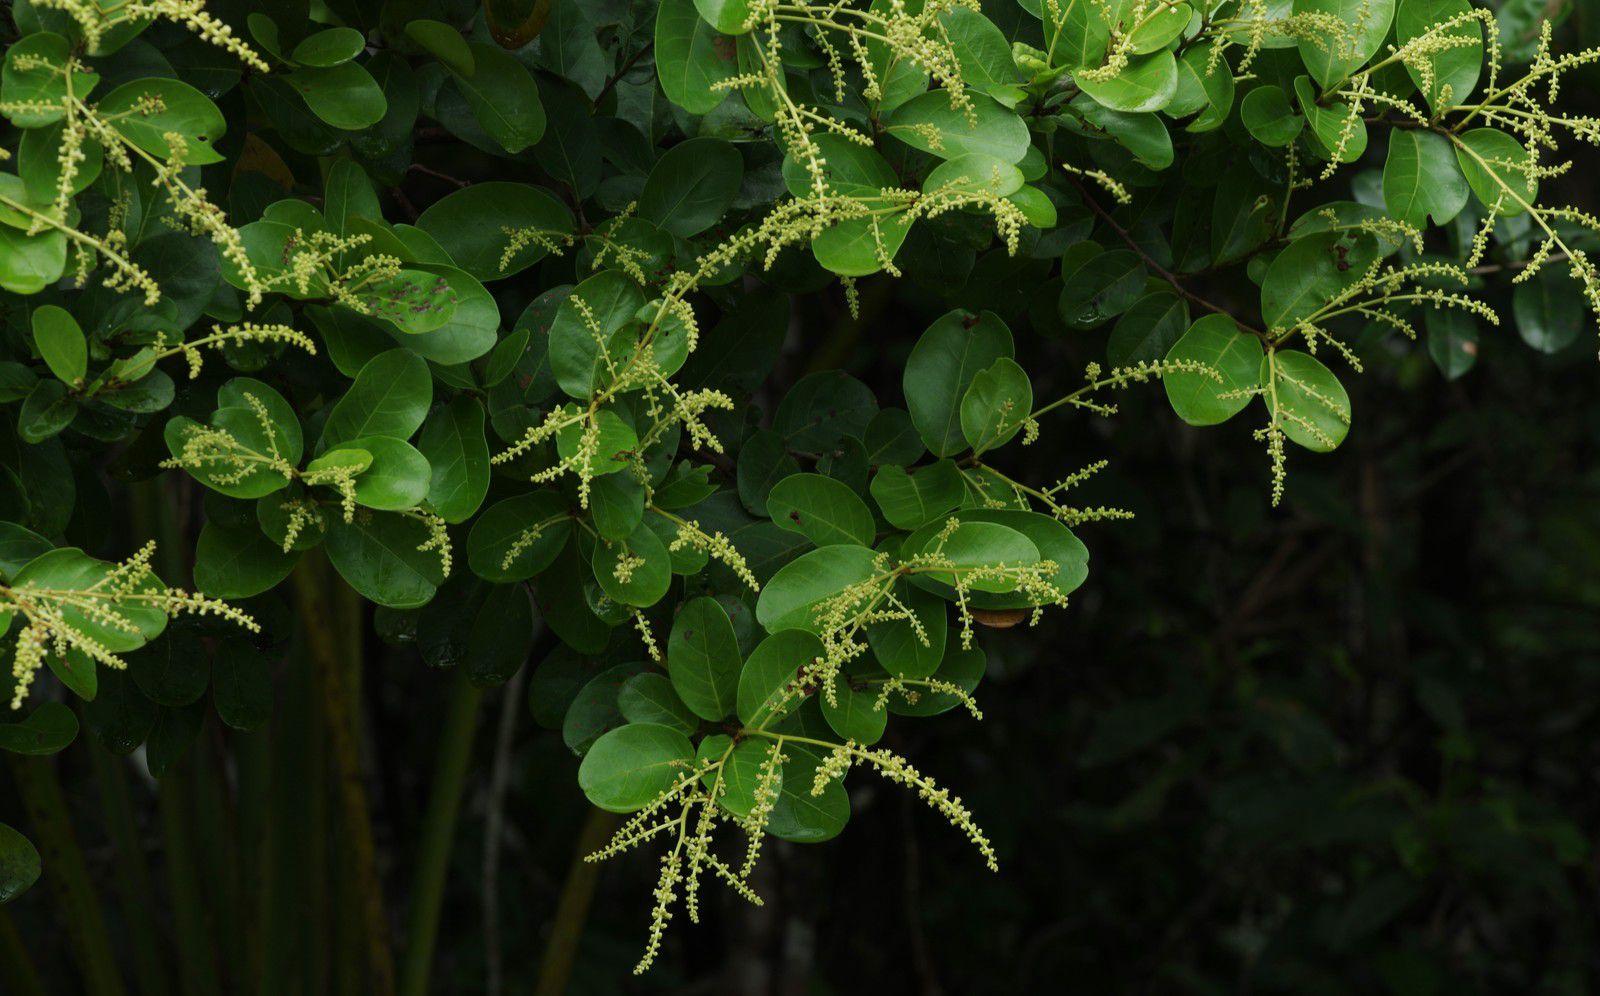 Hymenopus heterocarpus var. heterocarpus (gaulette)